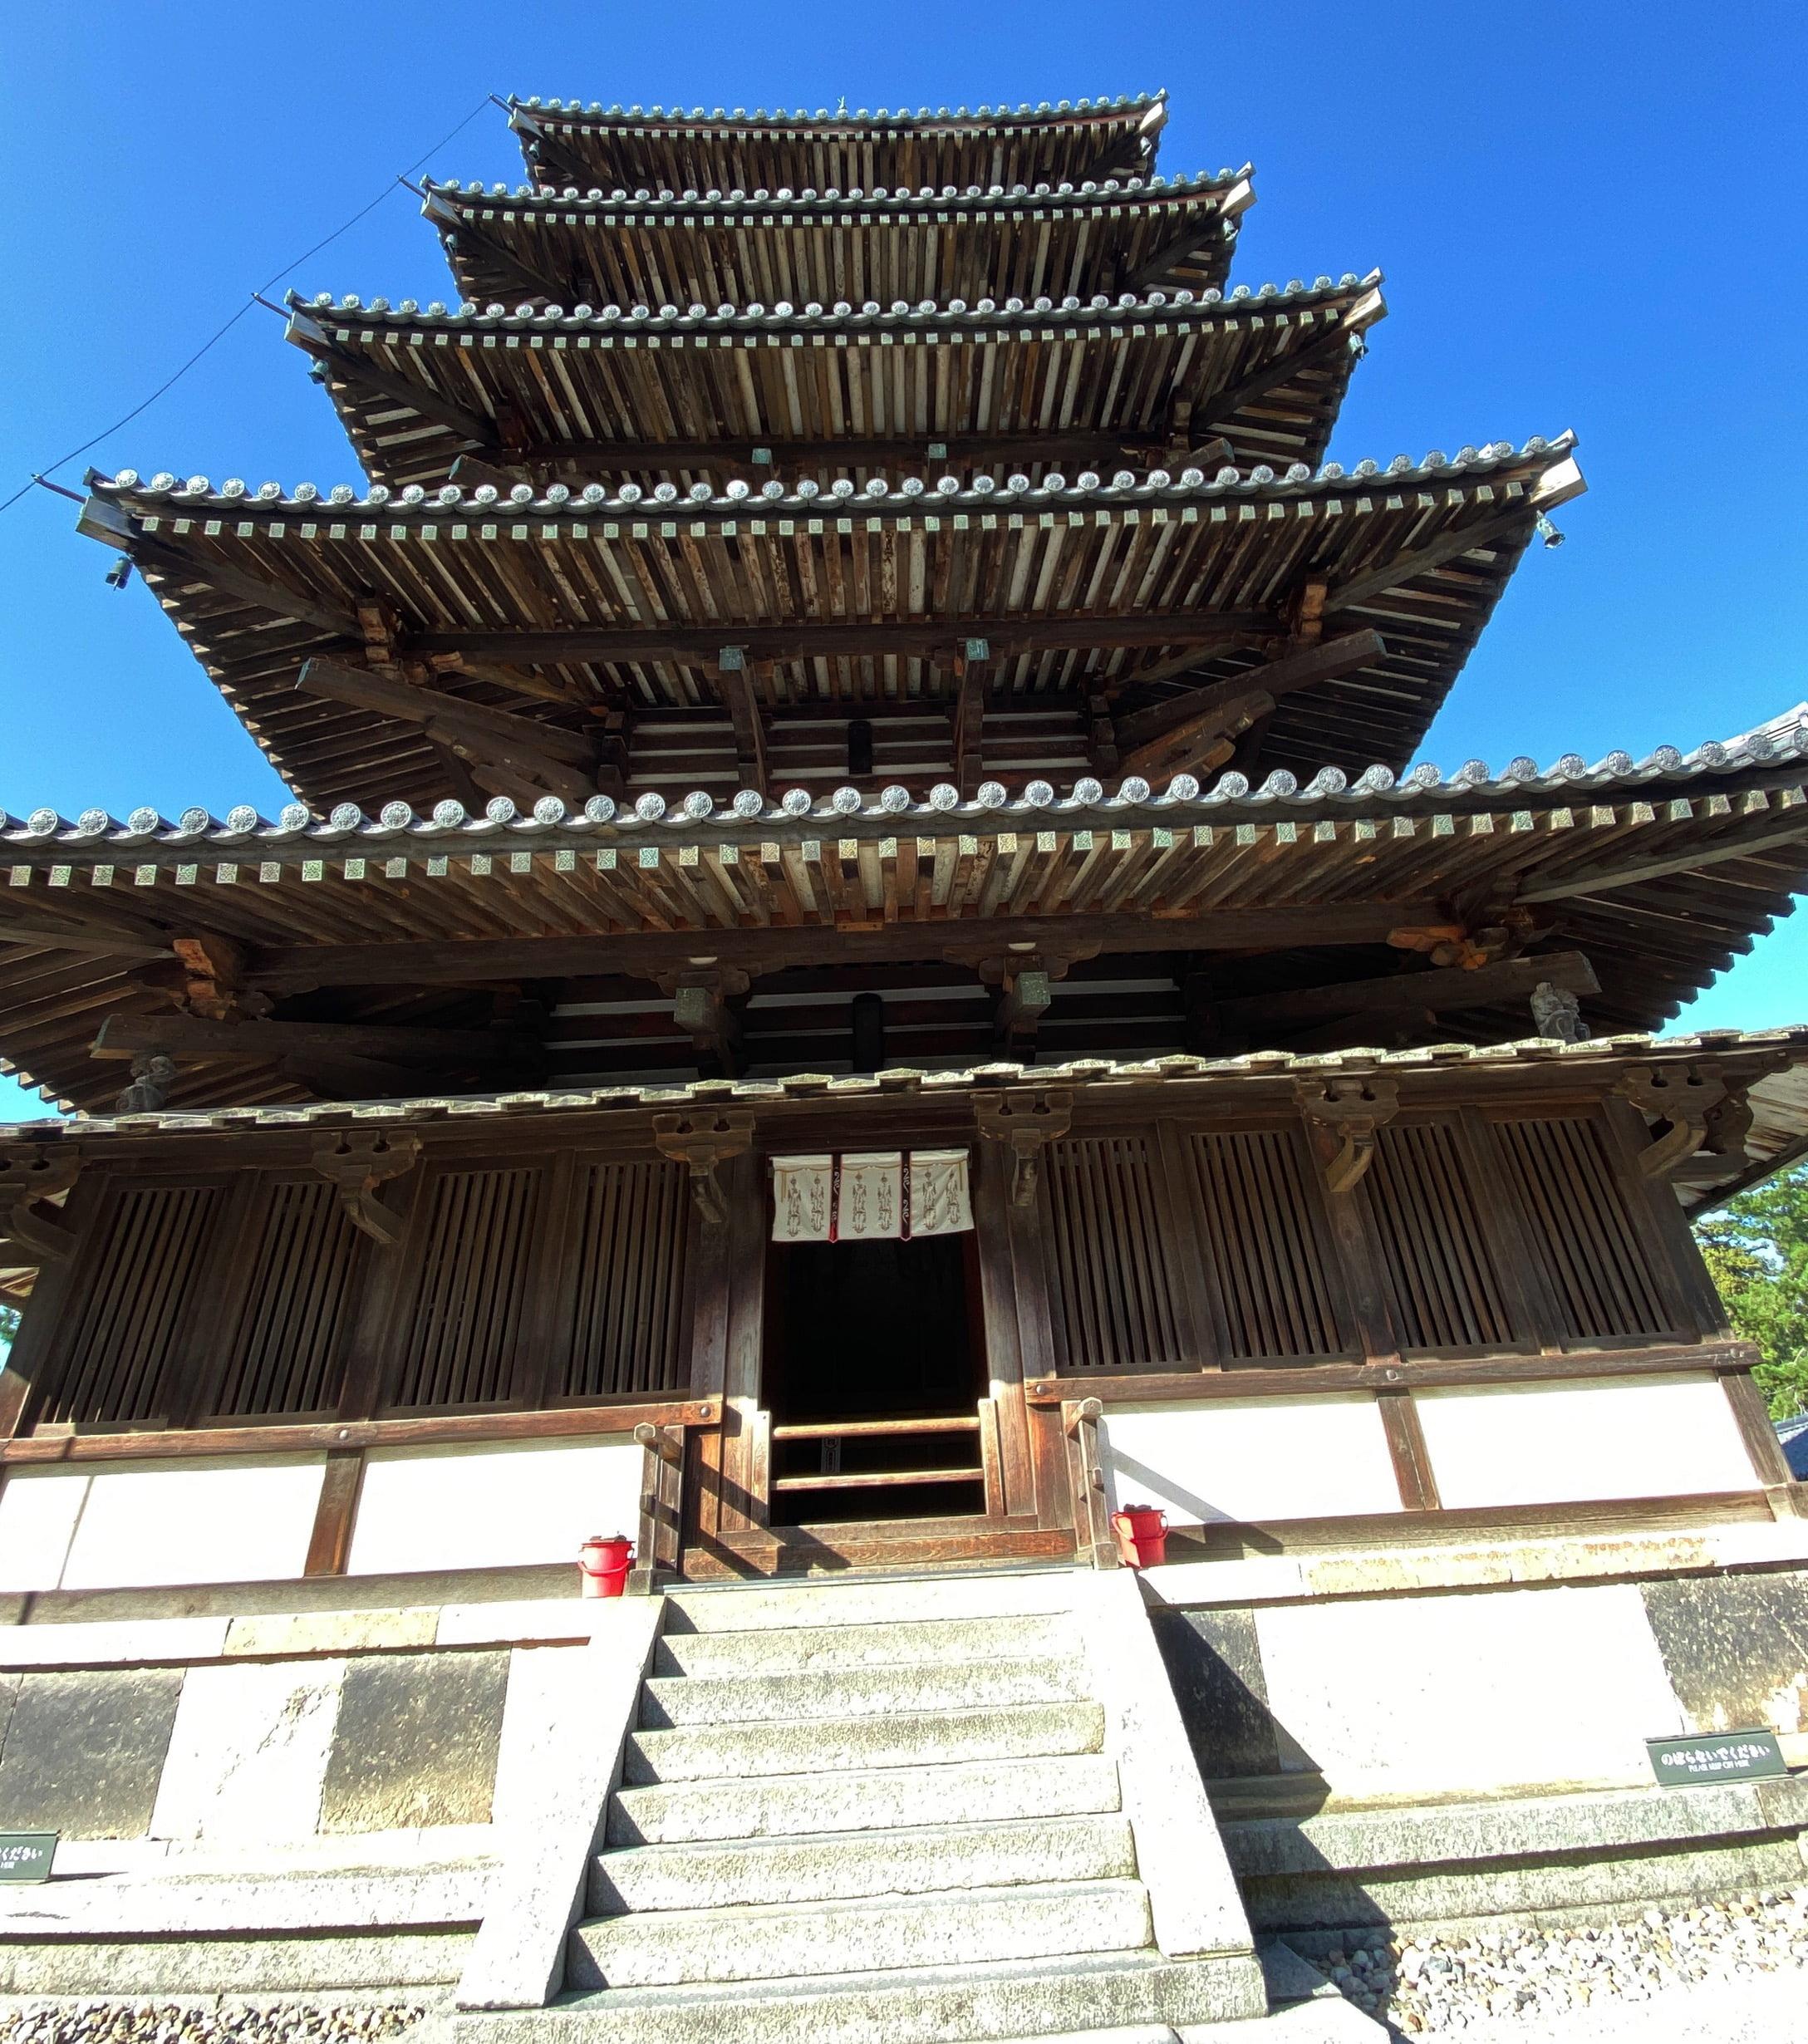 奈良・法隆寺の五重塔の歴史と構造(建築様式と作り方)